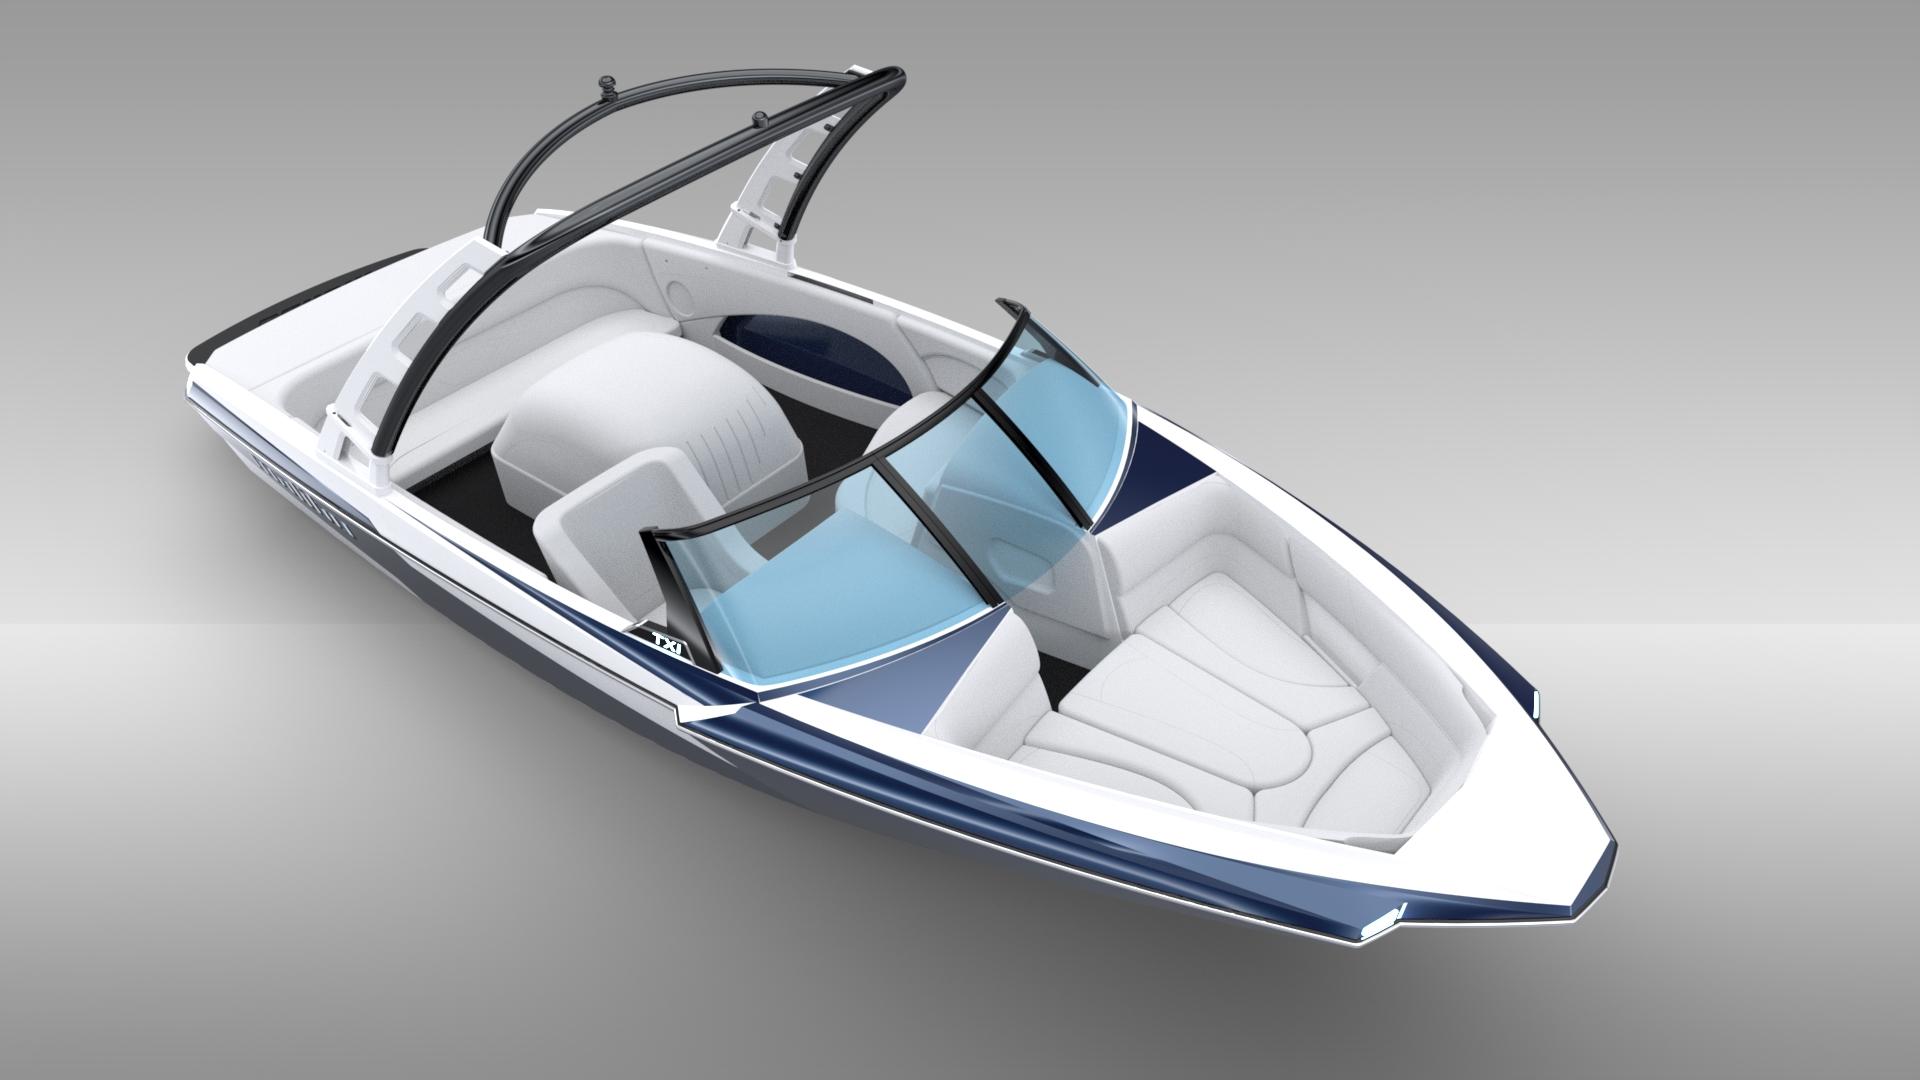 Malibu TXi Concept